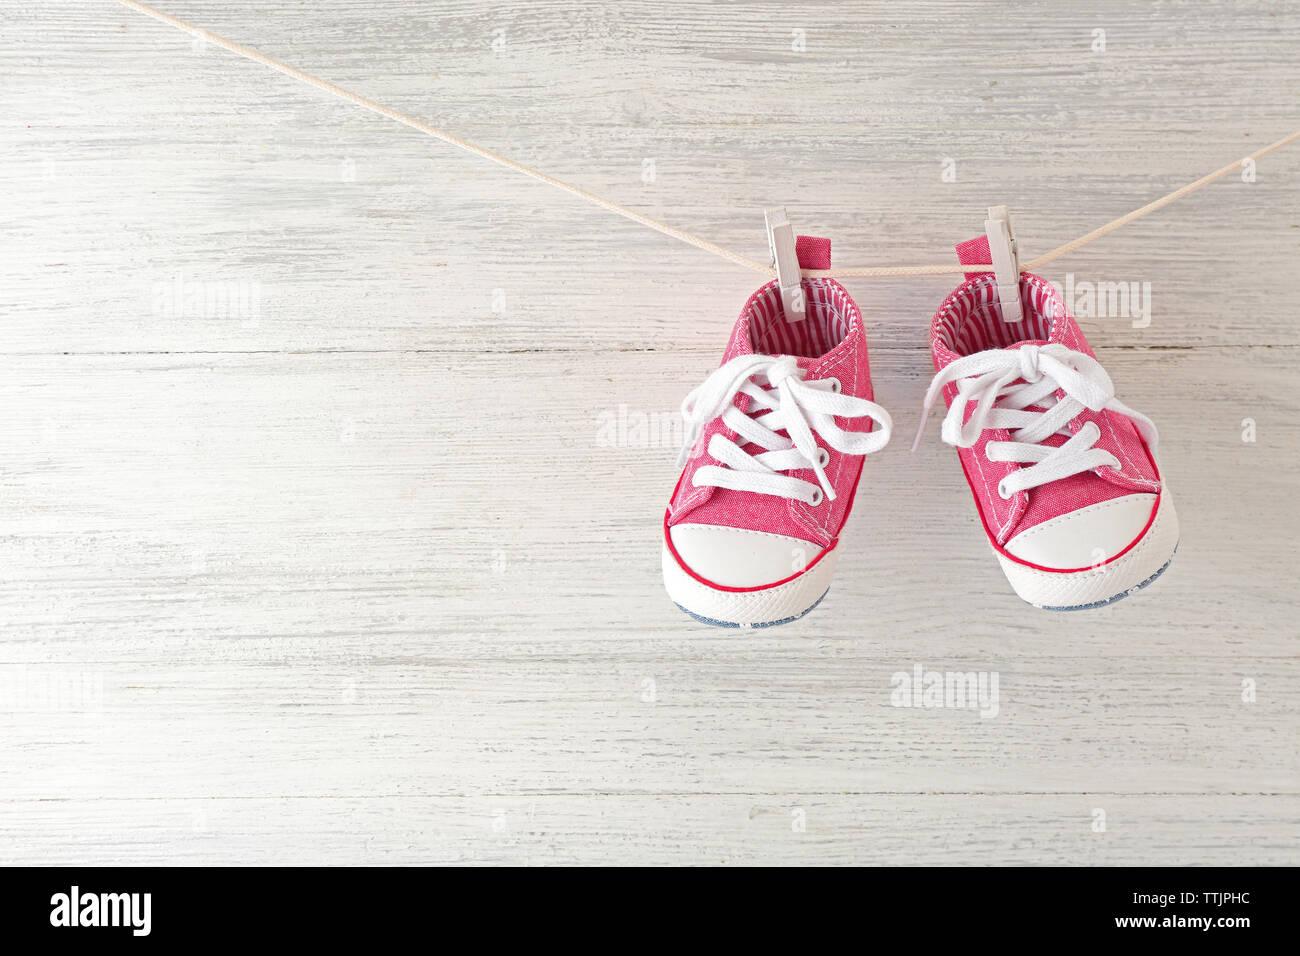 Shoes Imágenes Hanging Sport Fotos Stockamp; De OuXiZPk